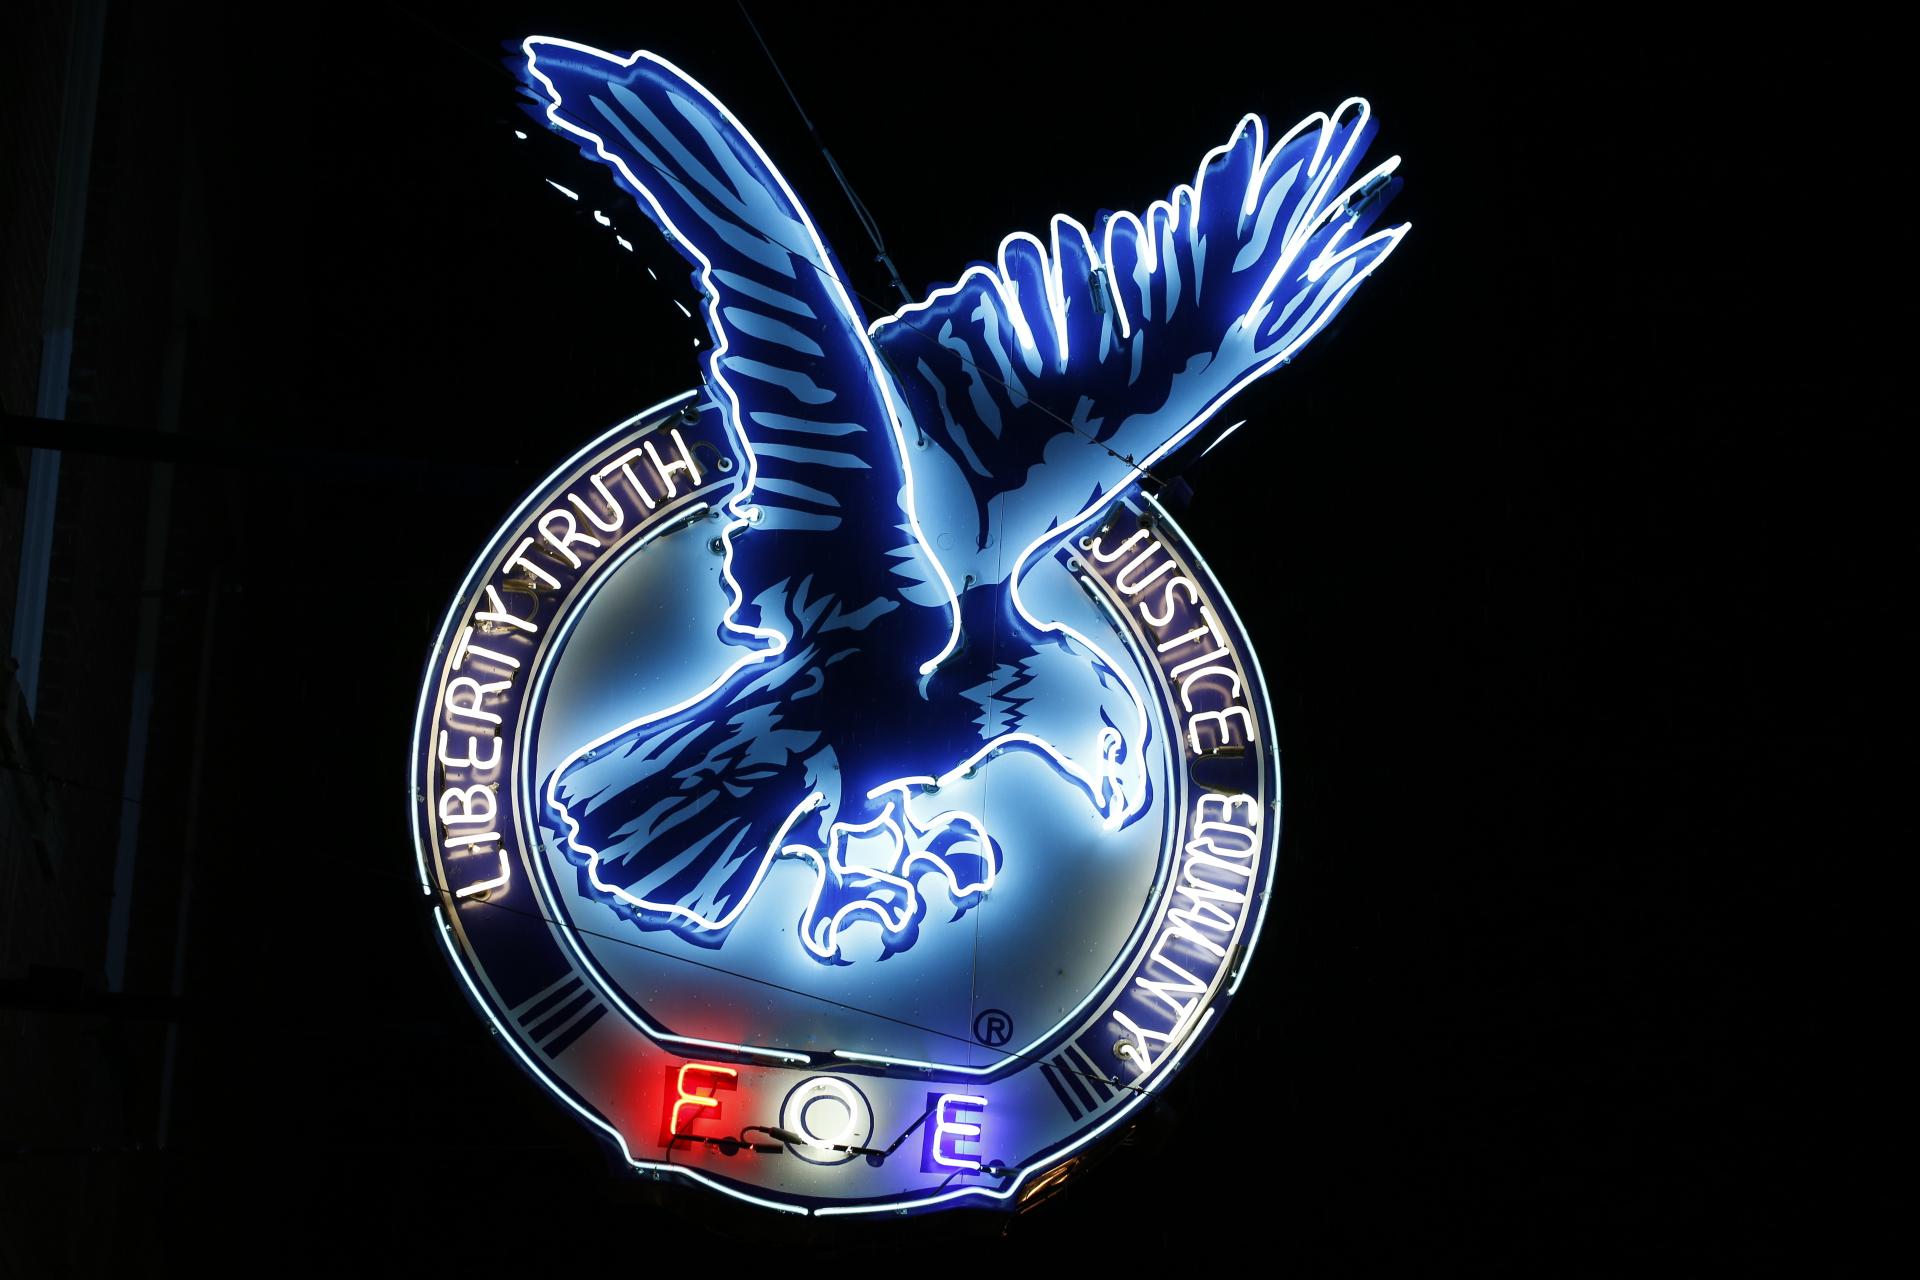 Eagle's